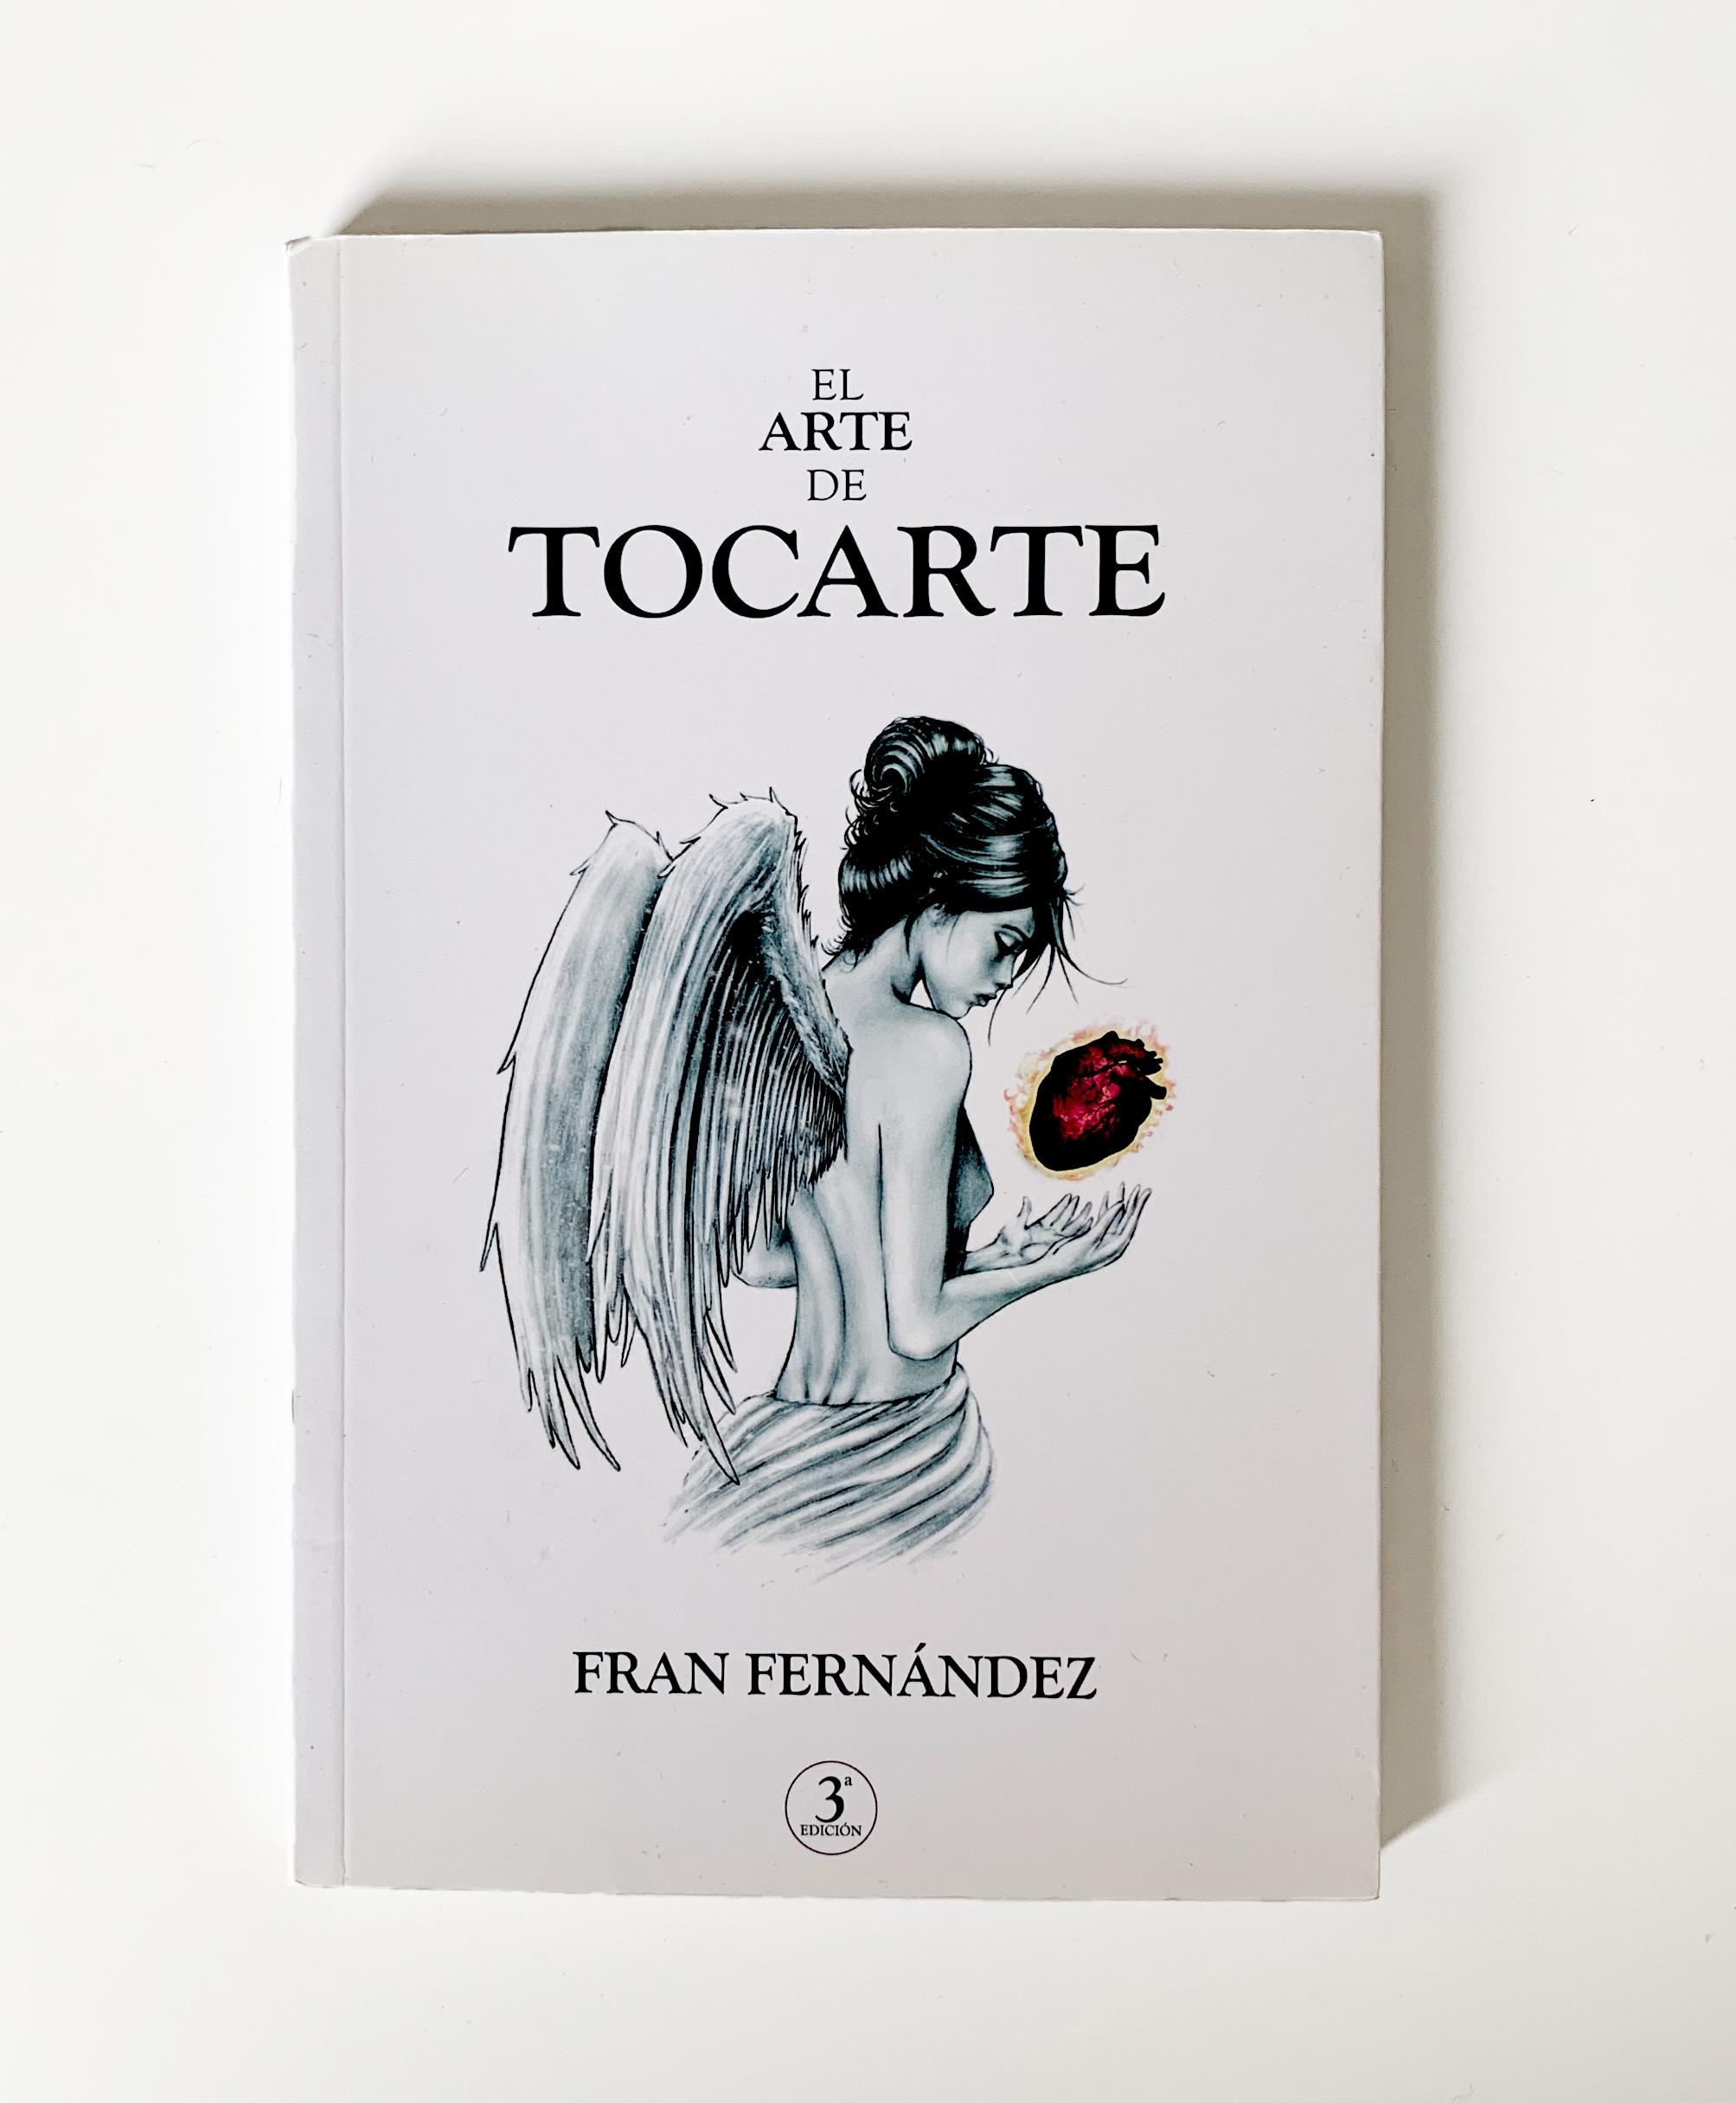 El-Arte-de-Tocarte-libro